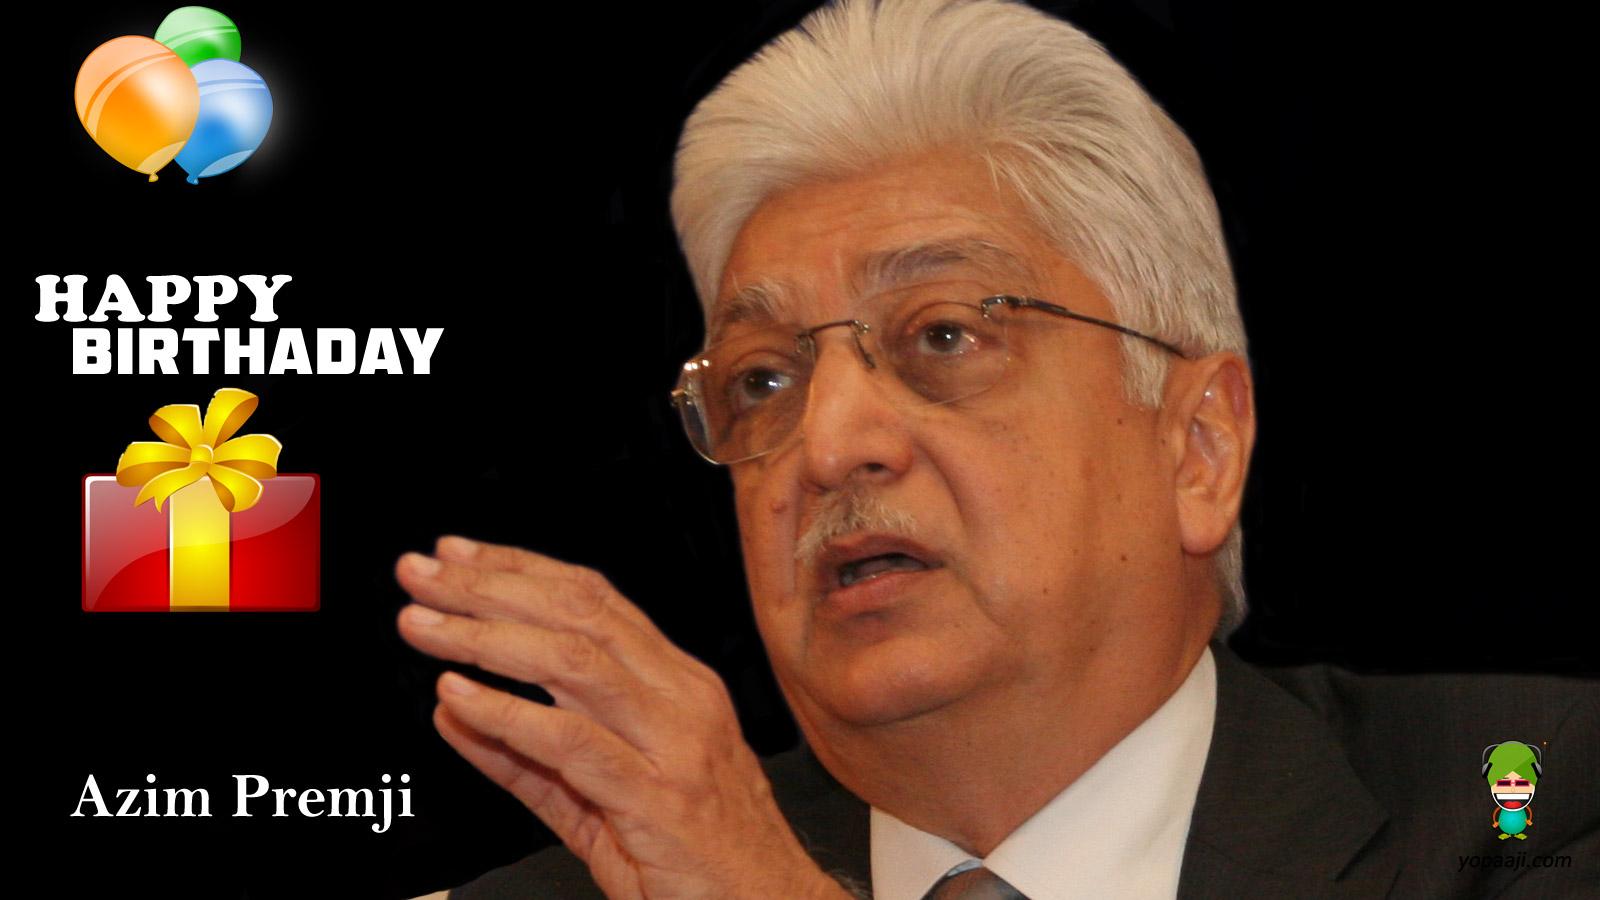 Azim Premji's quote #4